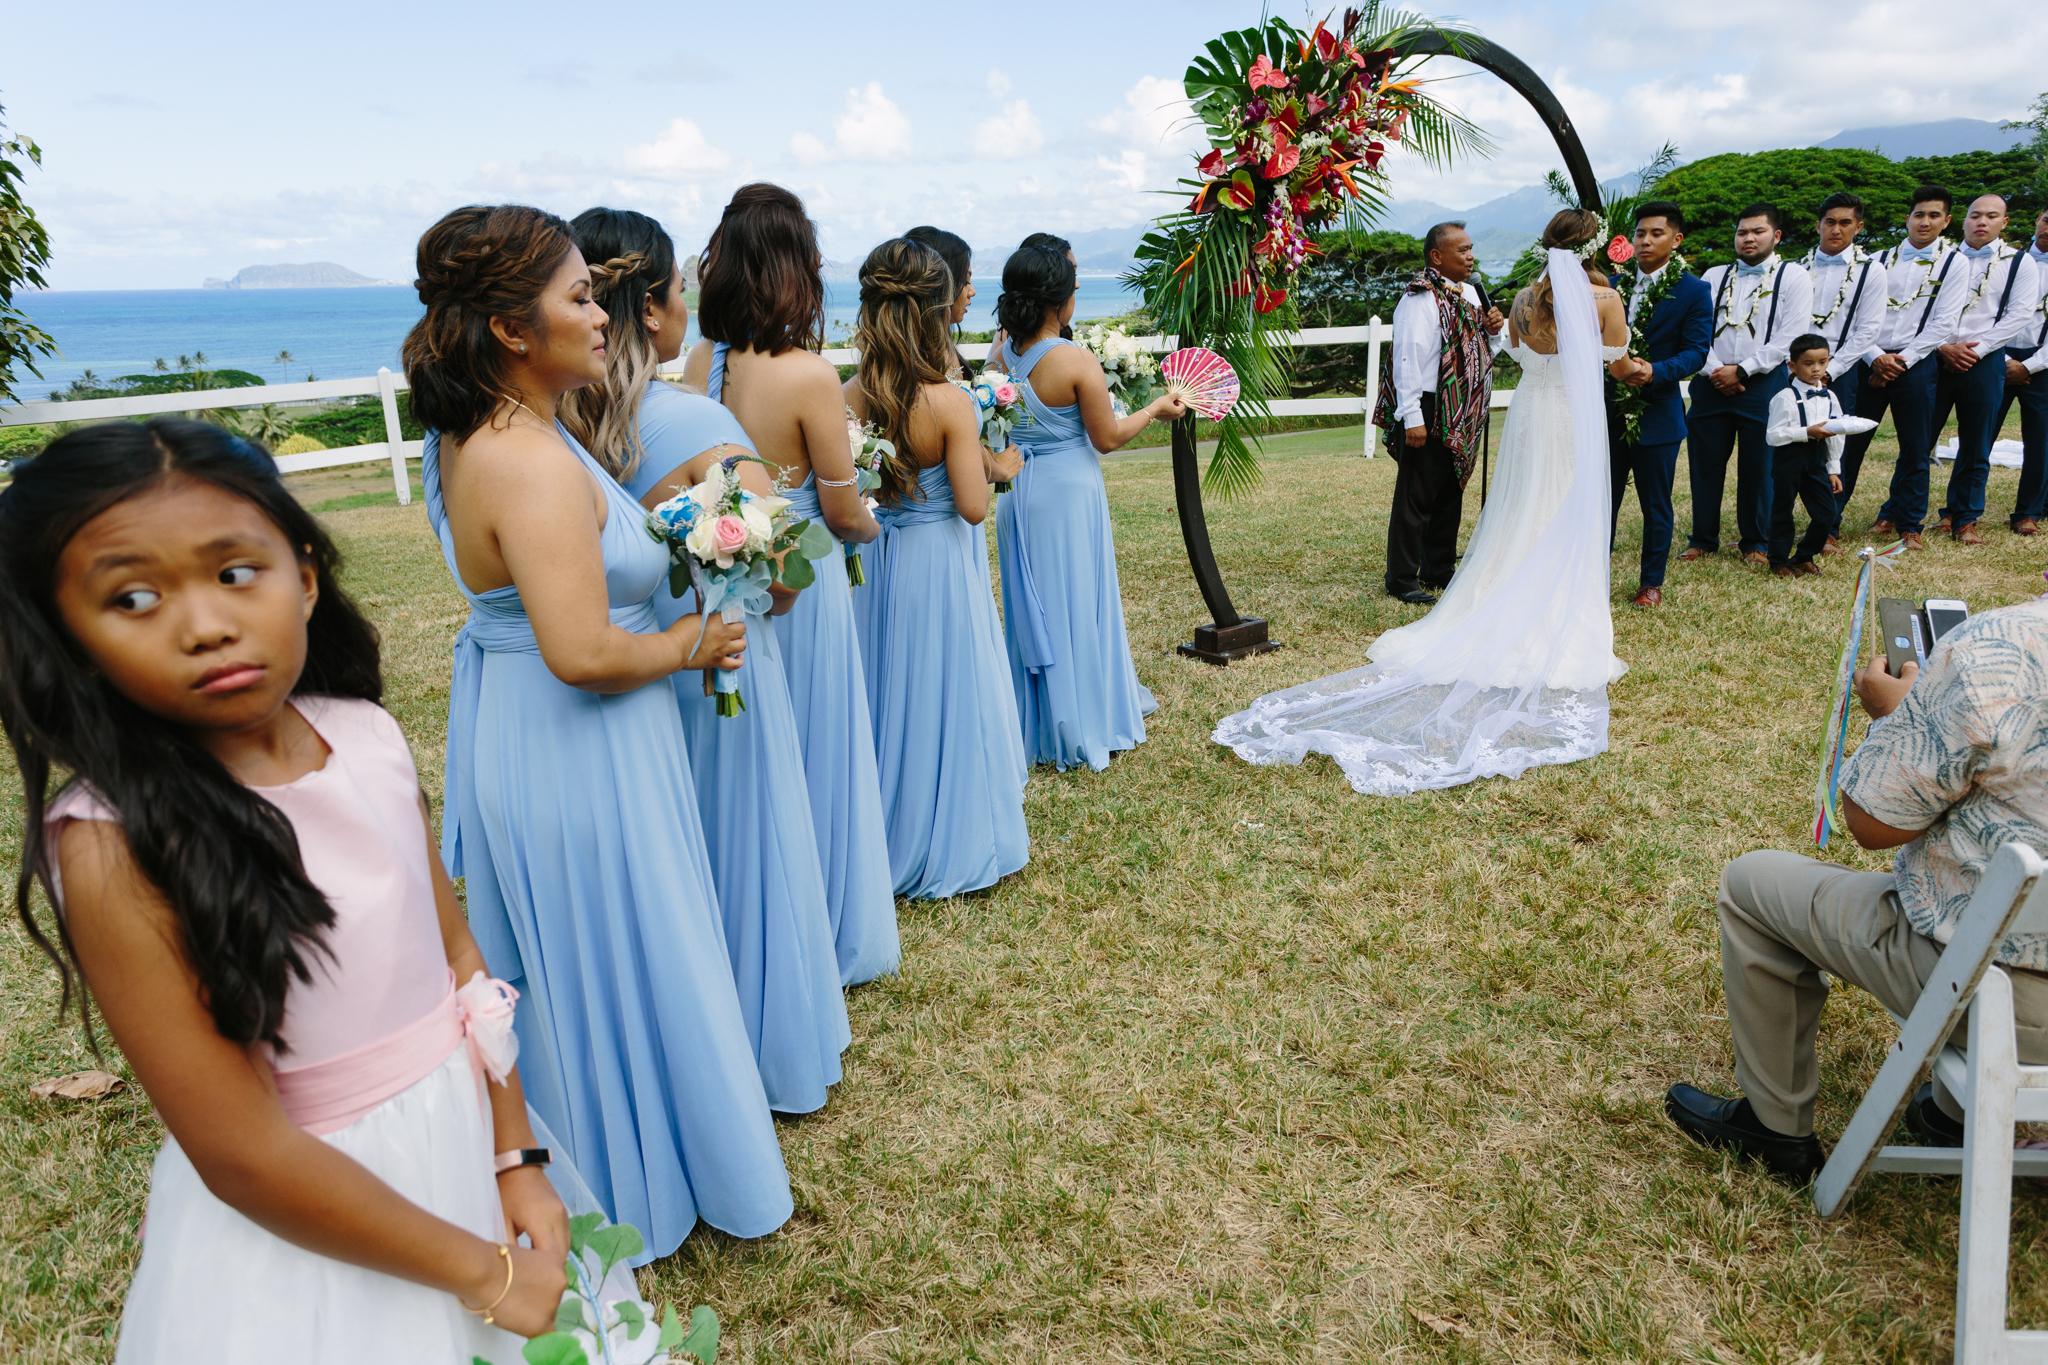 kualoa_ranch_wedding_photography_tone_hawaii-54.jpg